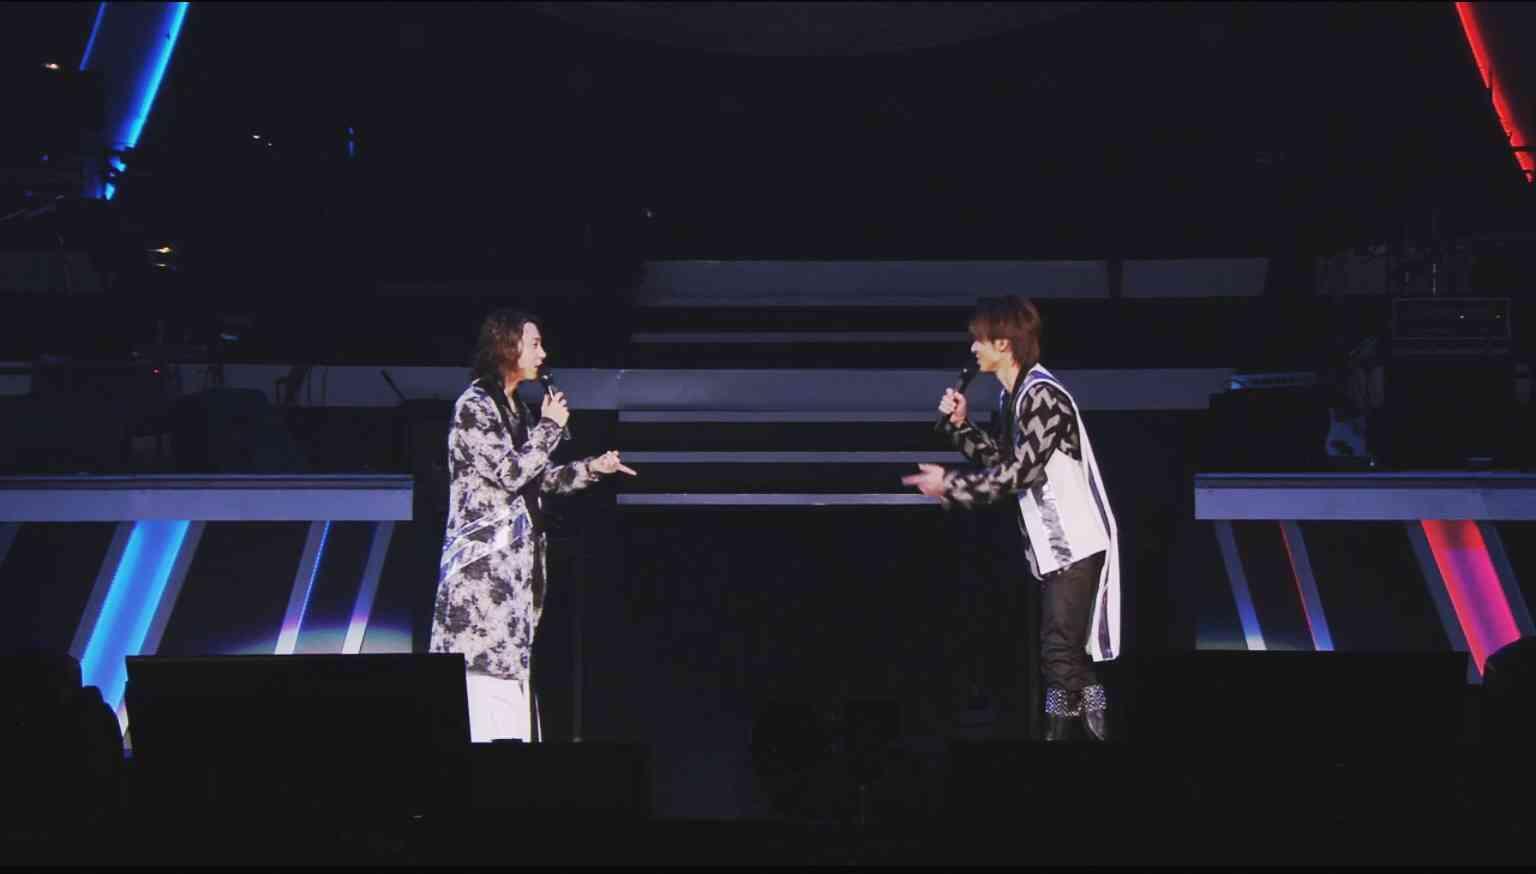 堂本剛、KinKi Kids20周年ライブは映像出演「苦渋の決断」<コメント全文>